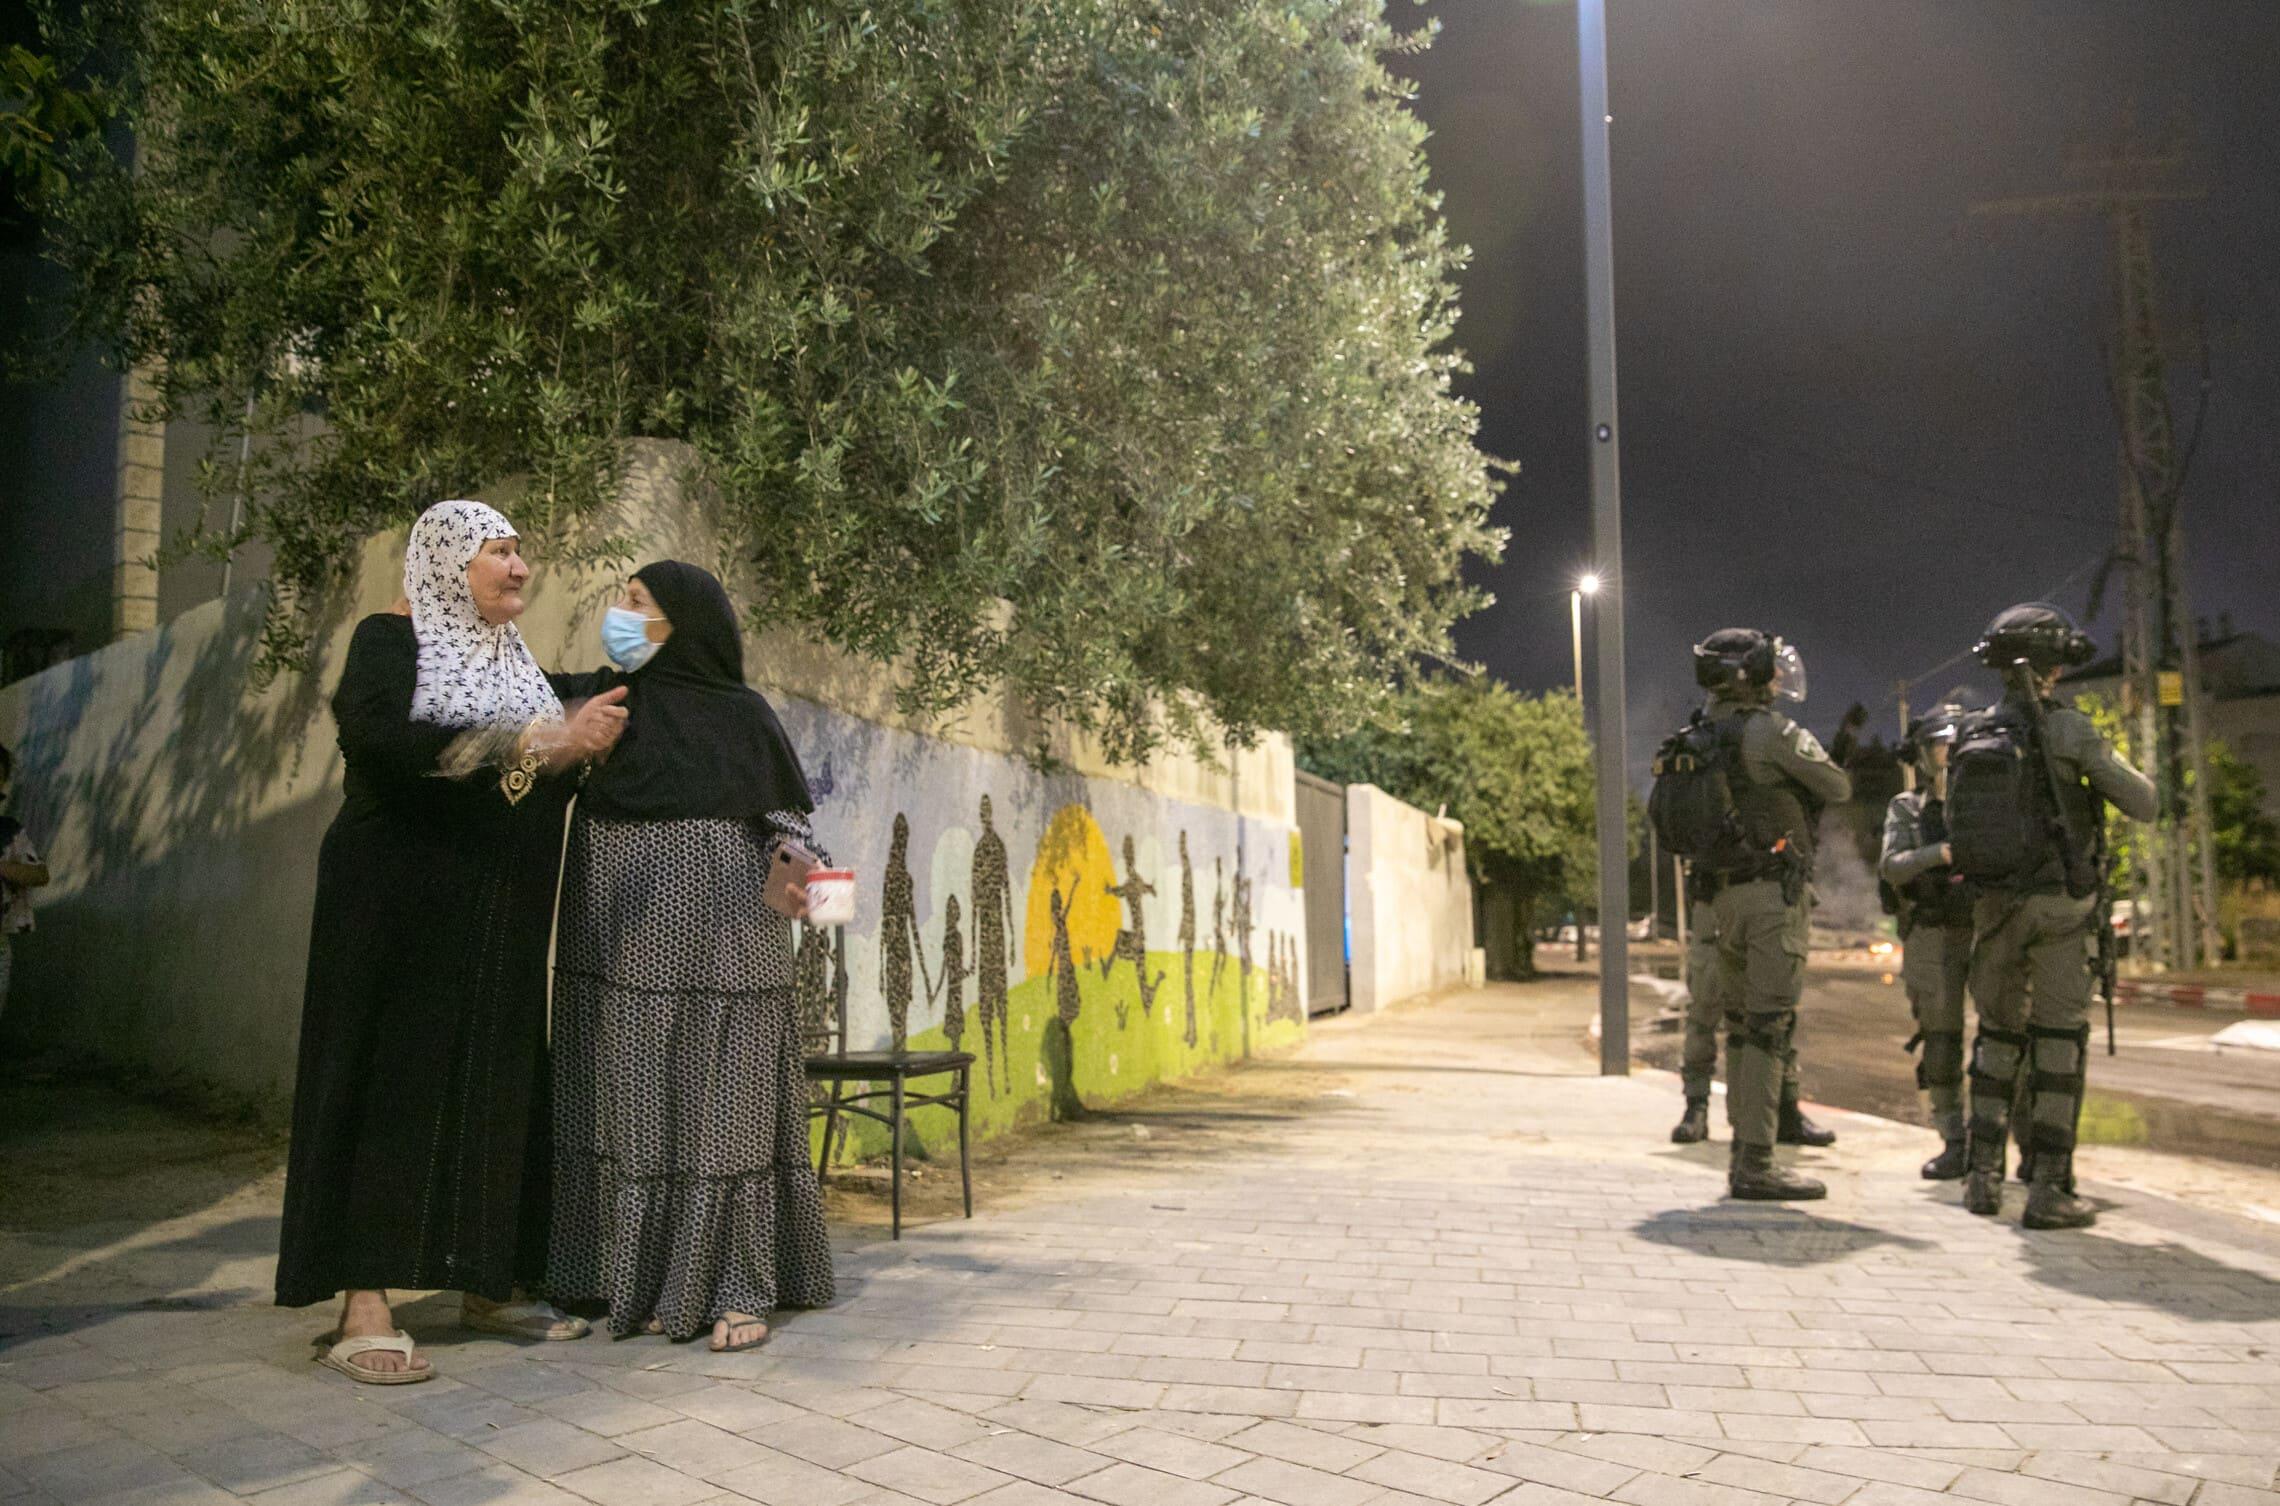 """דו-קיום בלוד: נשים ערביות ולוחמי מג""""ב, 11 במאי 2021 (צילום: יוסי אלוני/פלאש90)"""